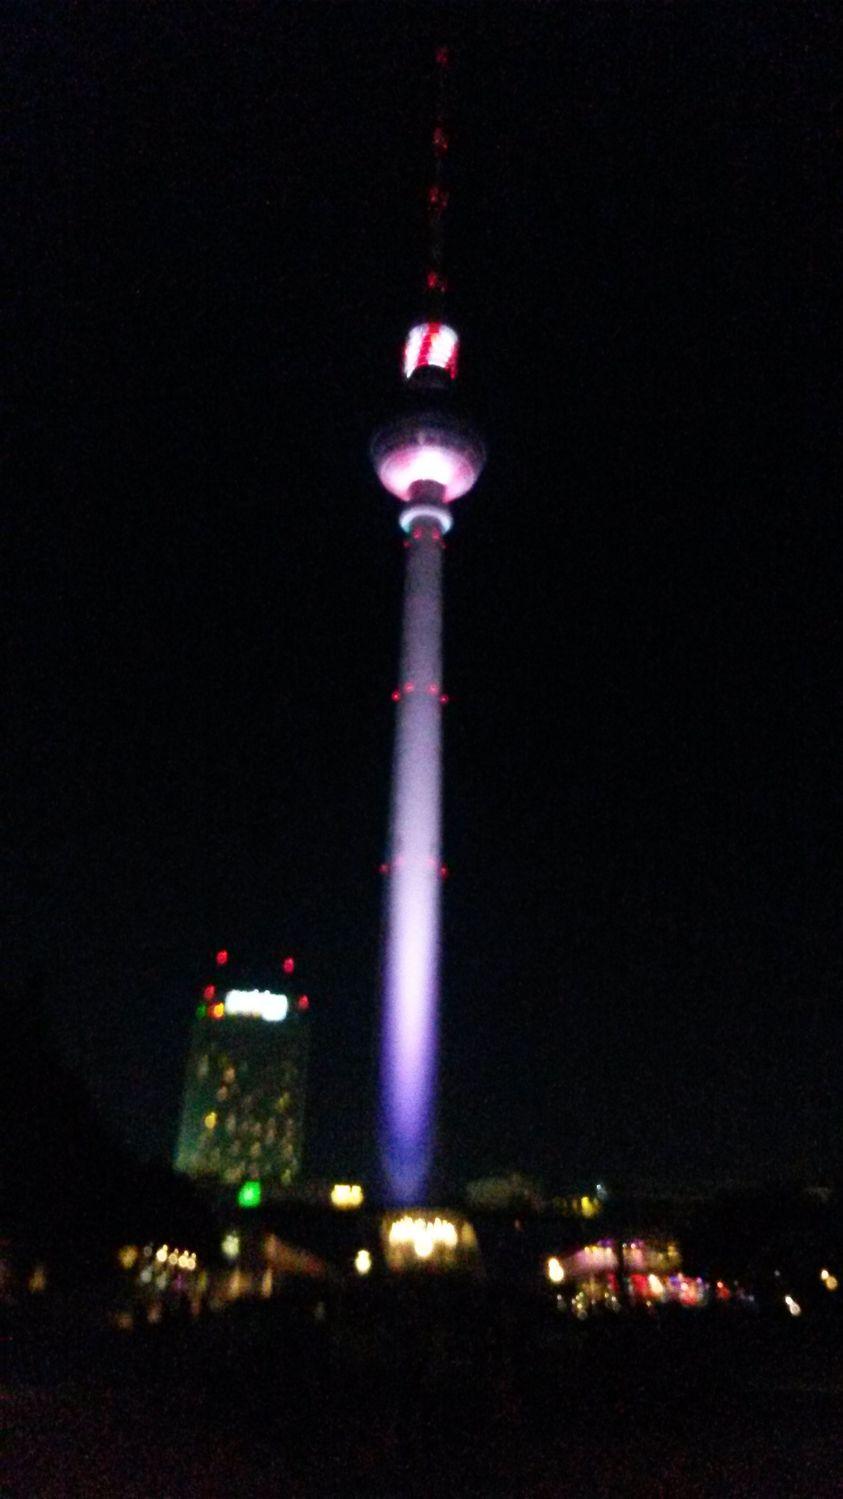 Bild mit Berlin, Berliner Fernsehturm, Sehenswürdigkeit, Sehenswürdigkeiten